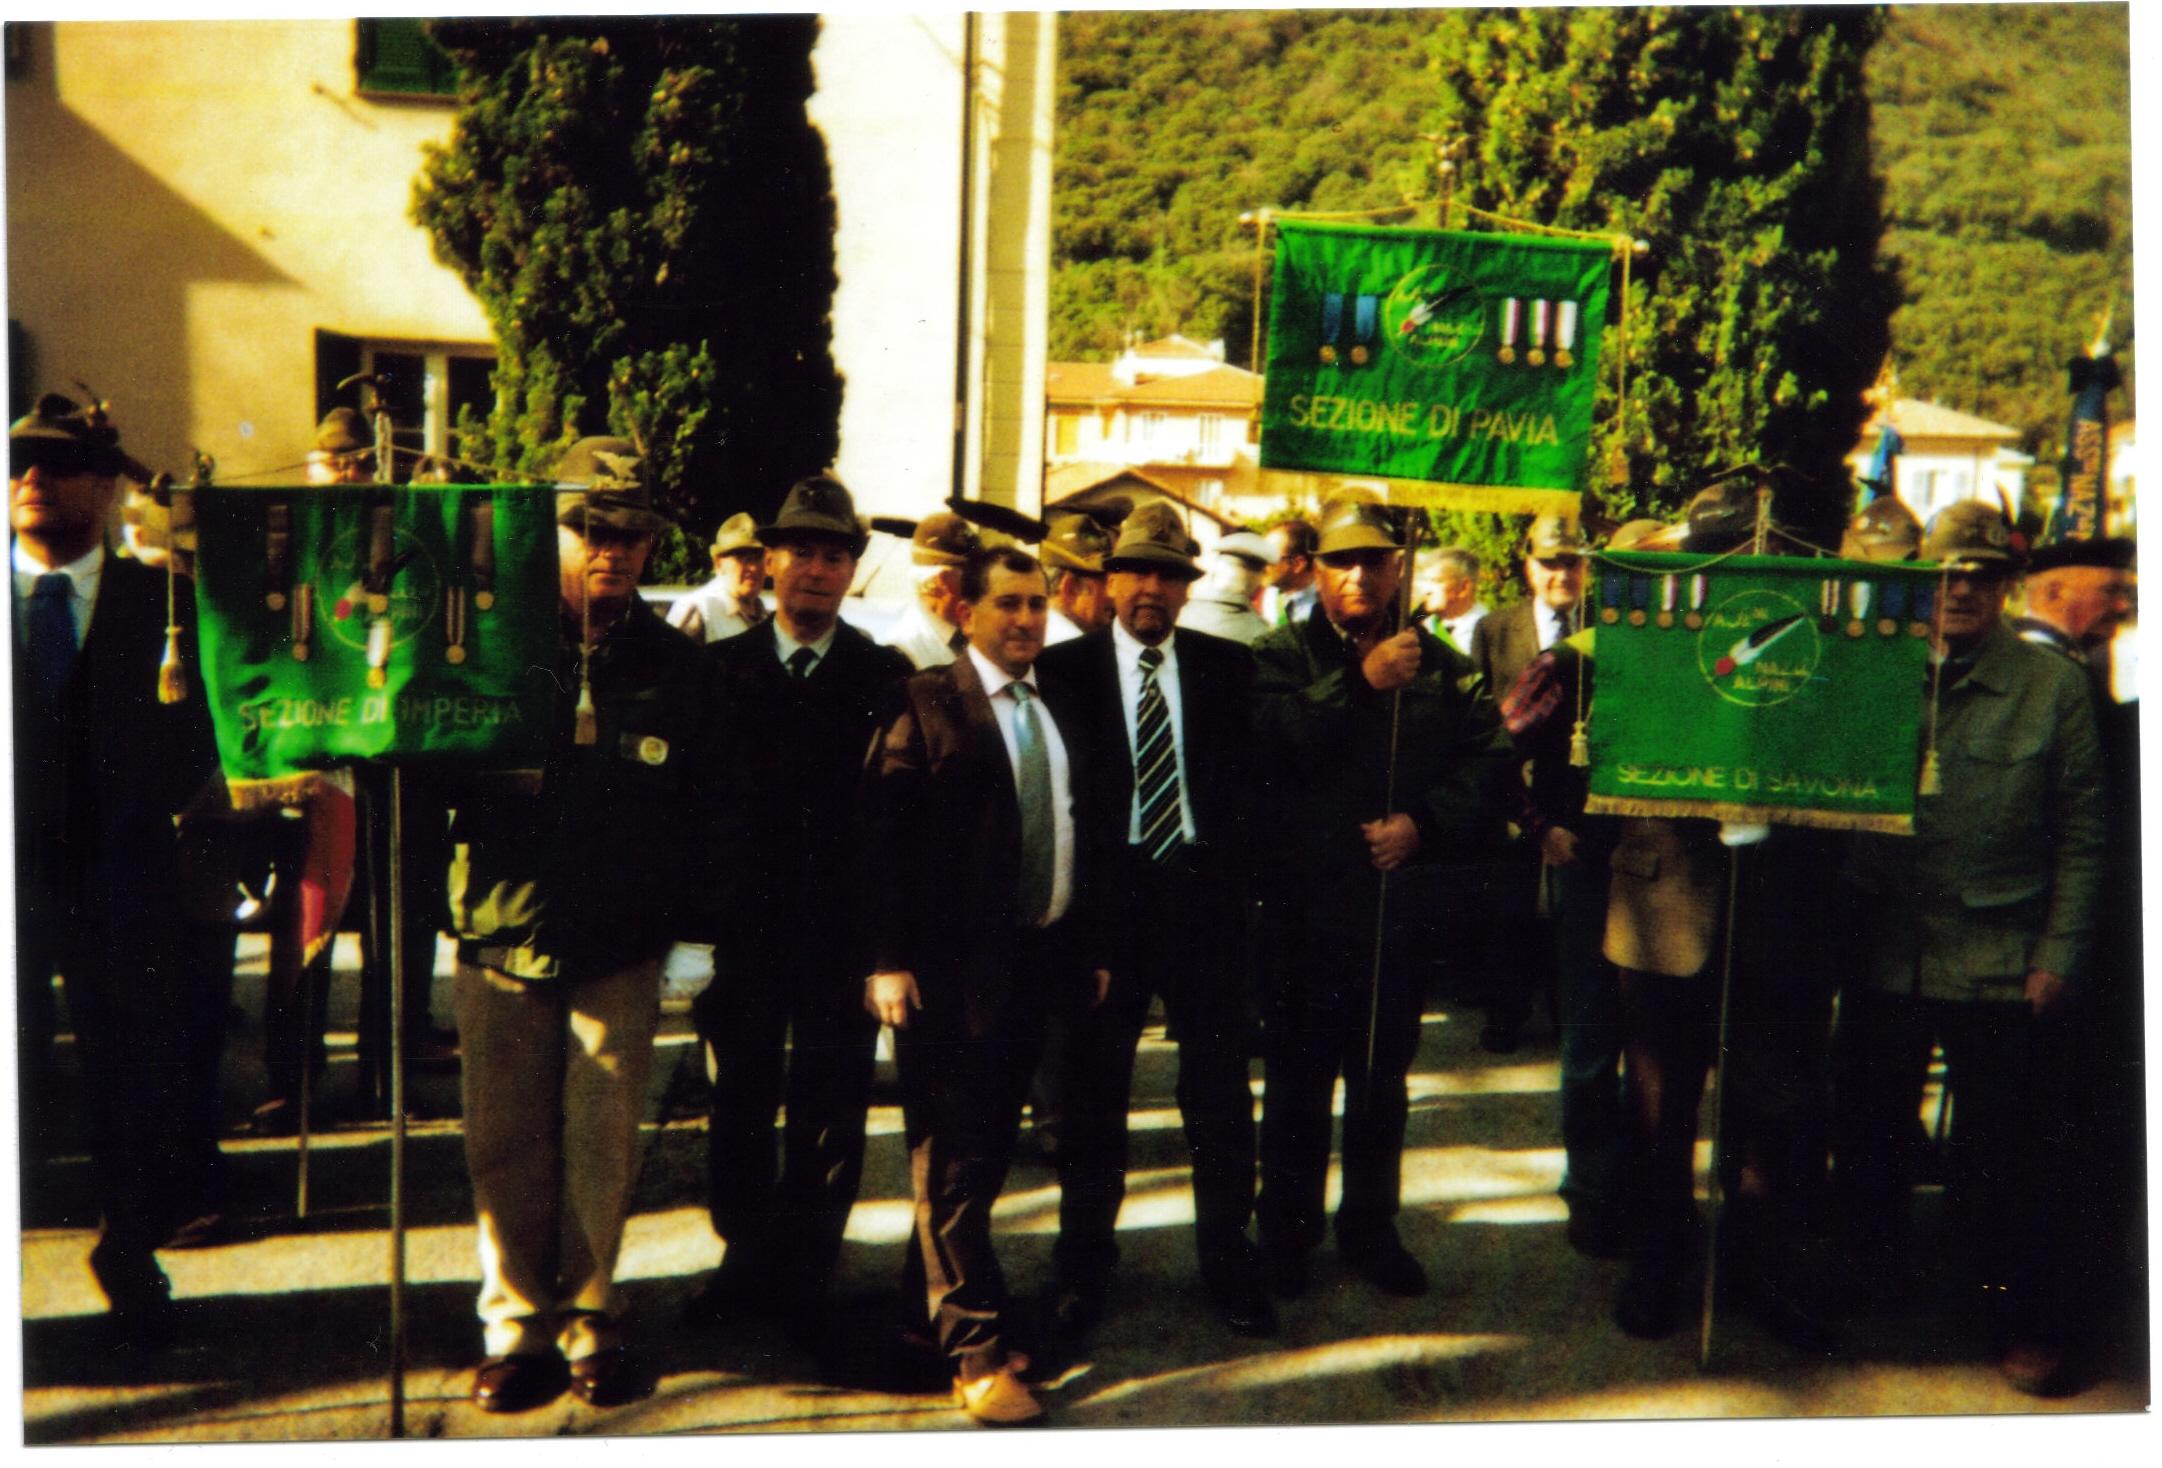 vincenzo-di-michele-a-finale-ligure-quale-vincitore-del-premio-di-cultura-e-vita-alpina-aseegnato-a-vincenzo